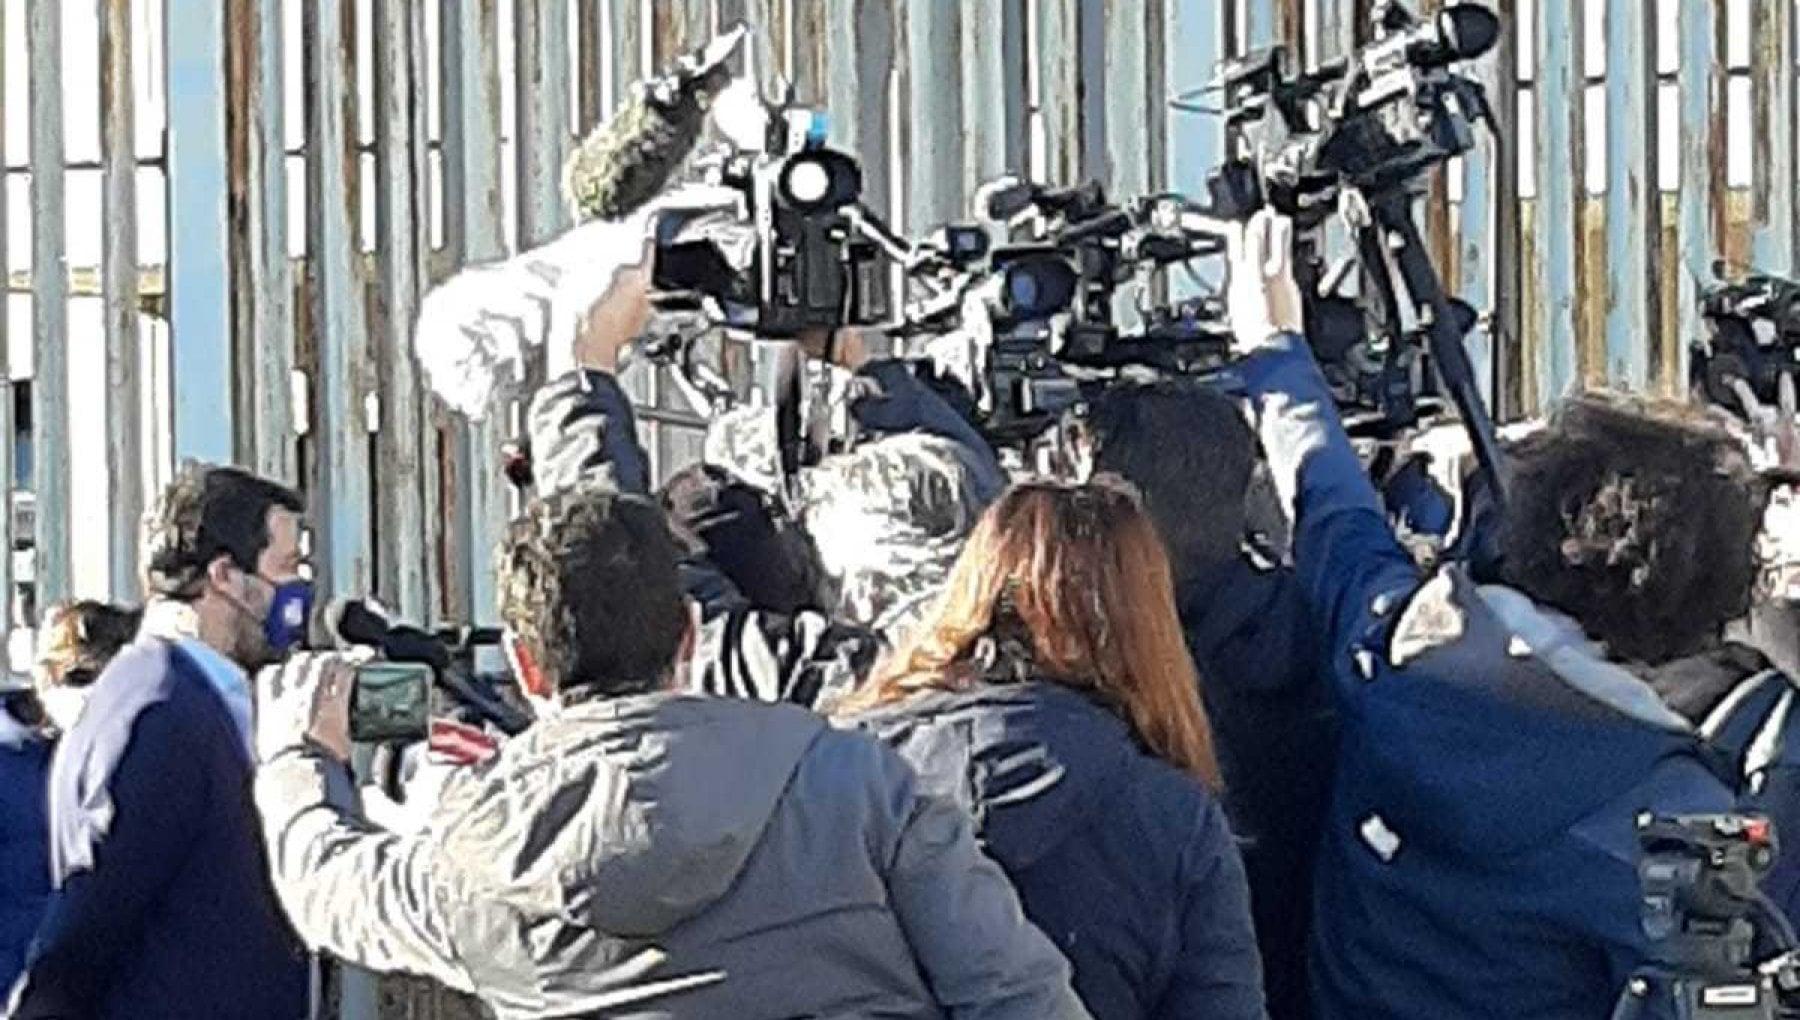 Processo Gregoretti Salvini in aula a Catania Linea condivisa curioso di sentire cosa diranno Conte e i ministri